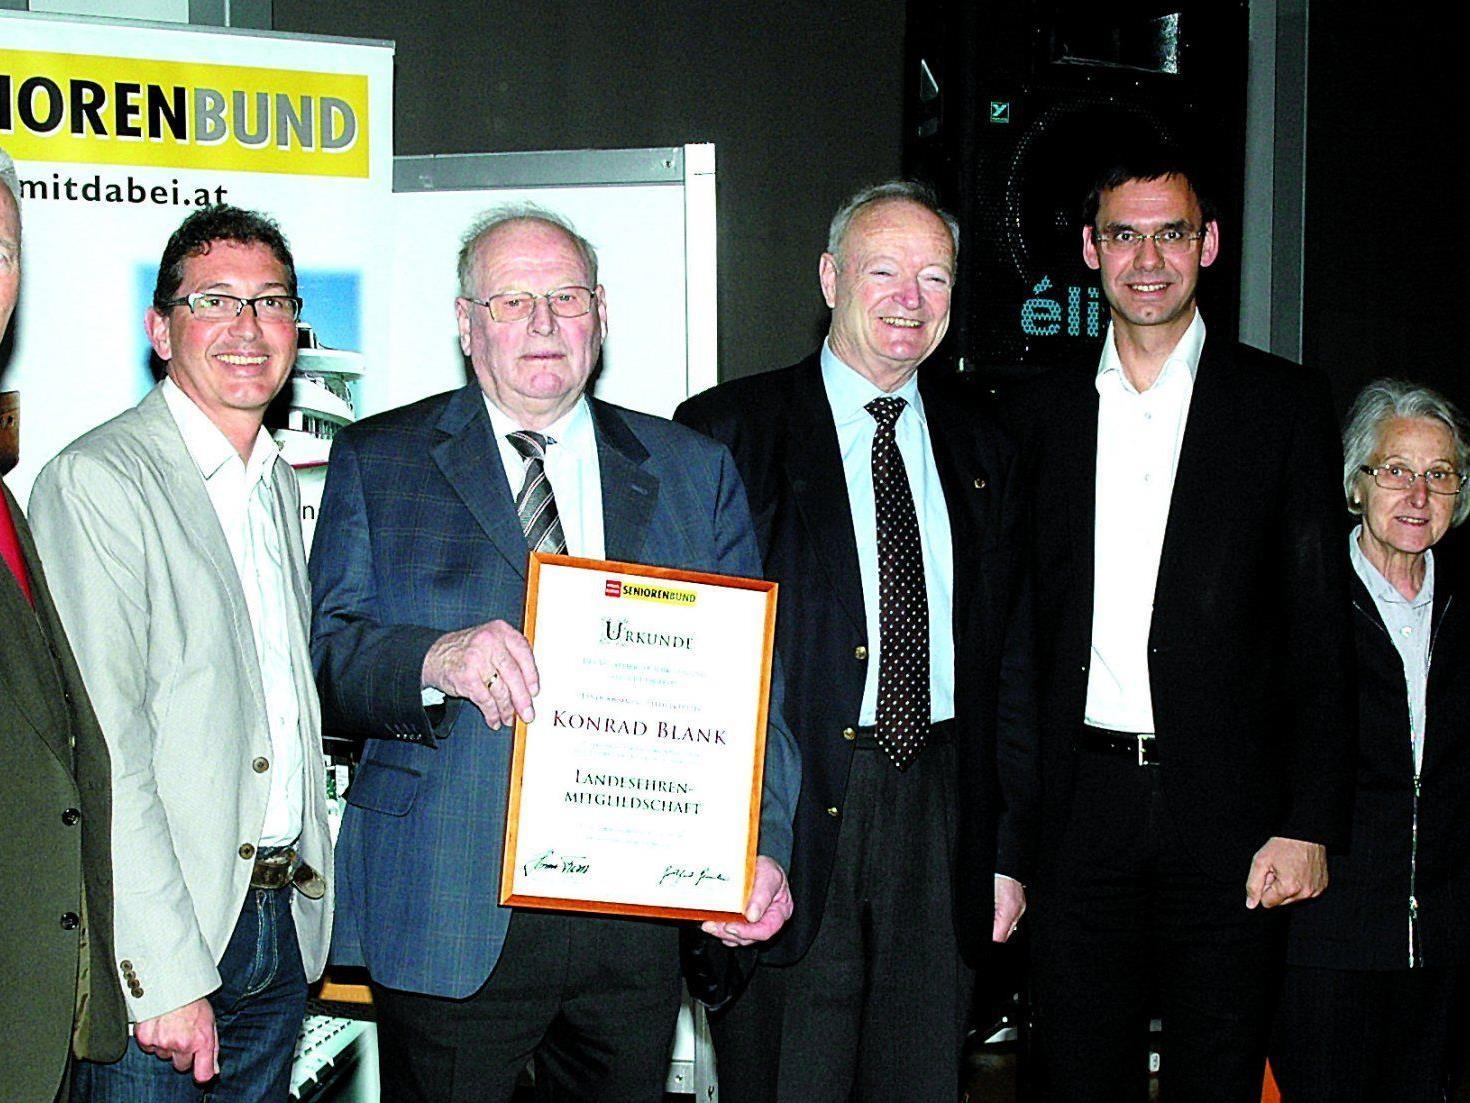 Die Ehrengäste gratulieren Kondrad Blank zu seiner Seniorenbund-Ehrung